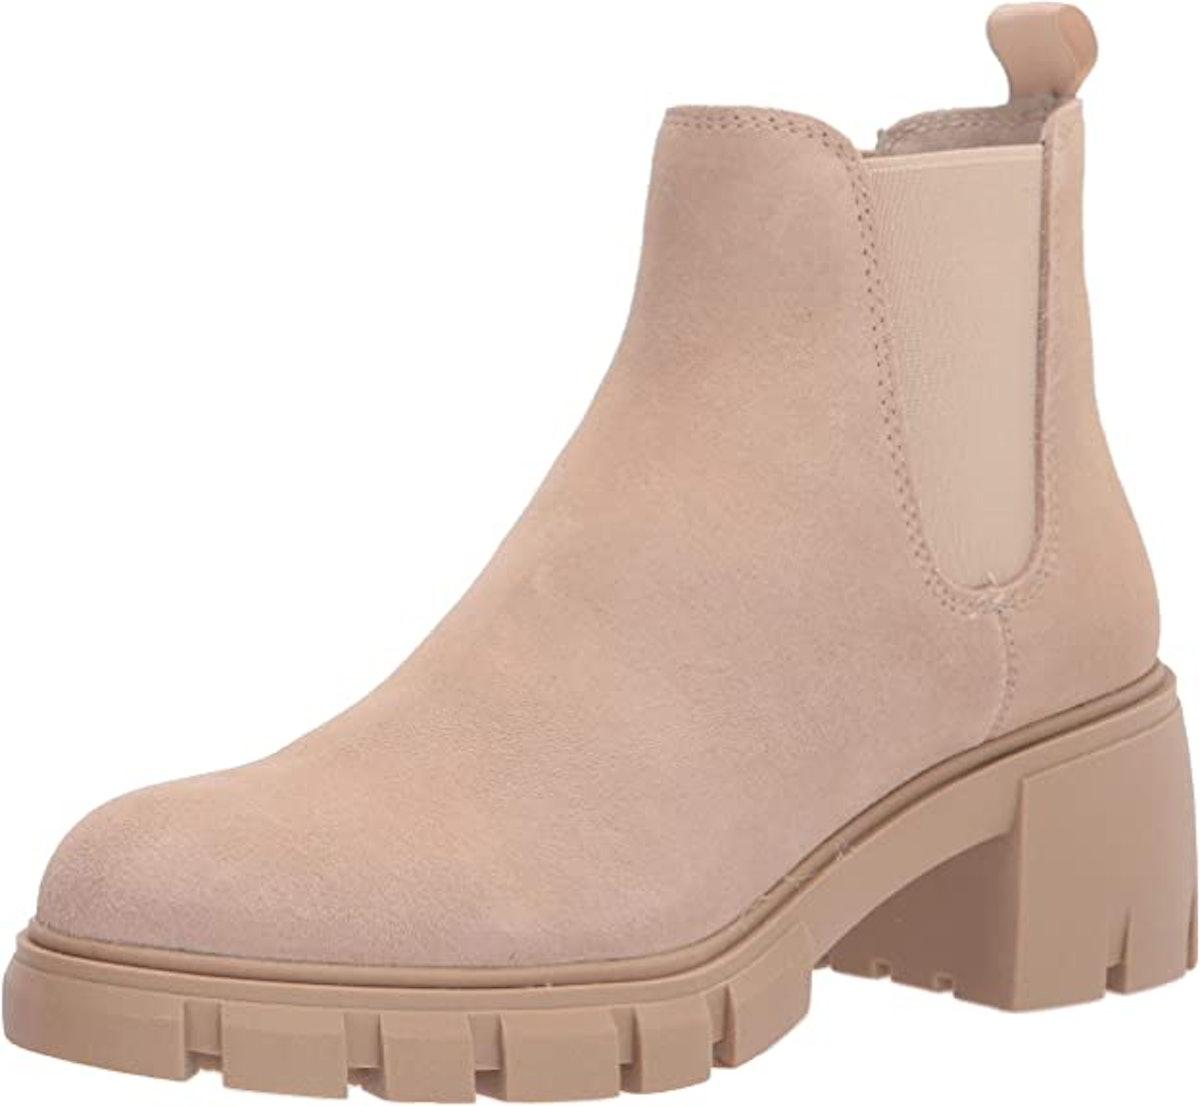 Steve Madden Howler Fashion Boot